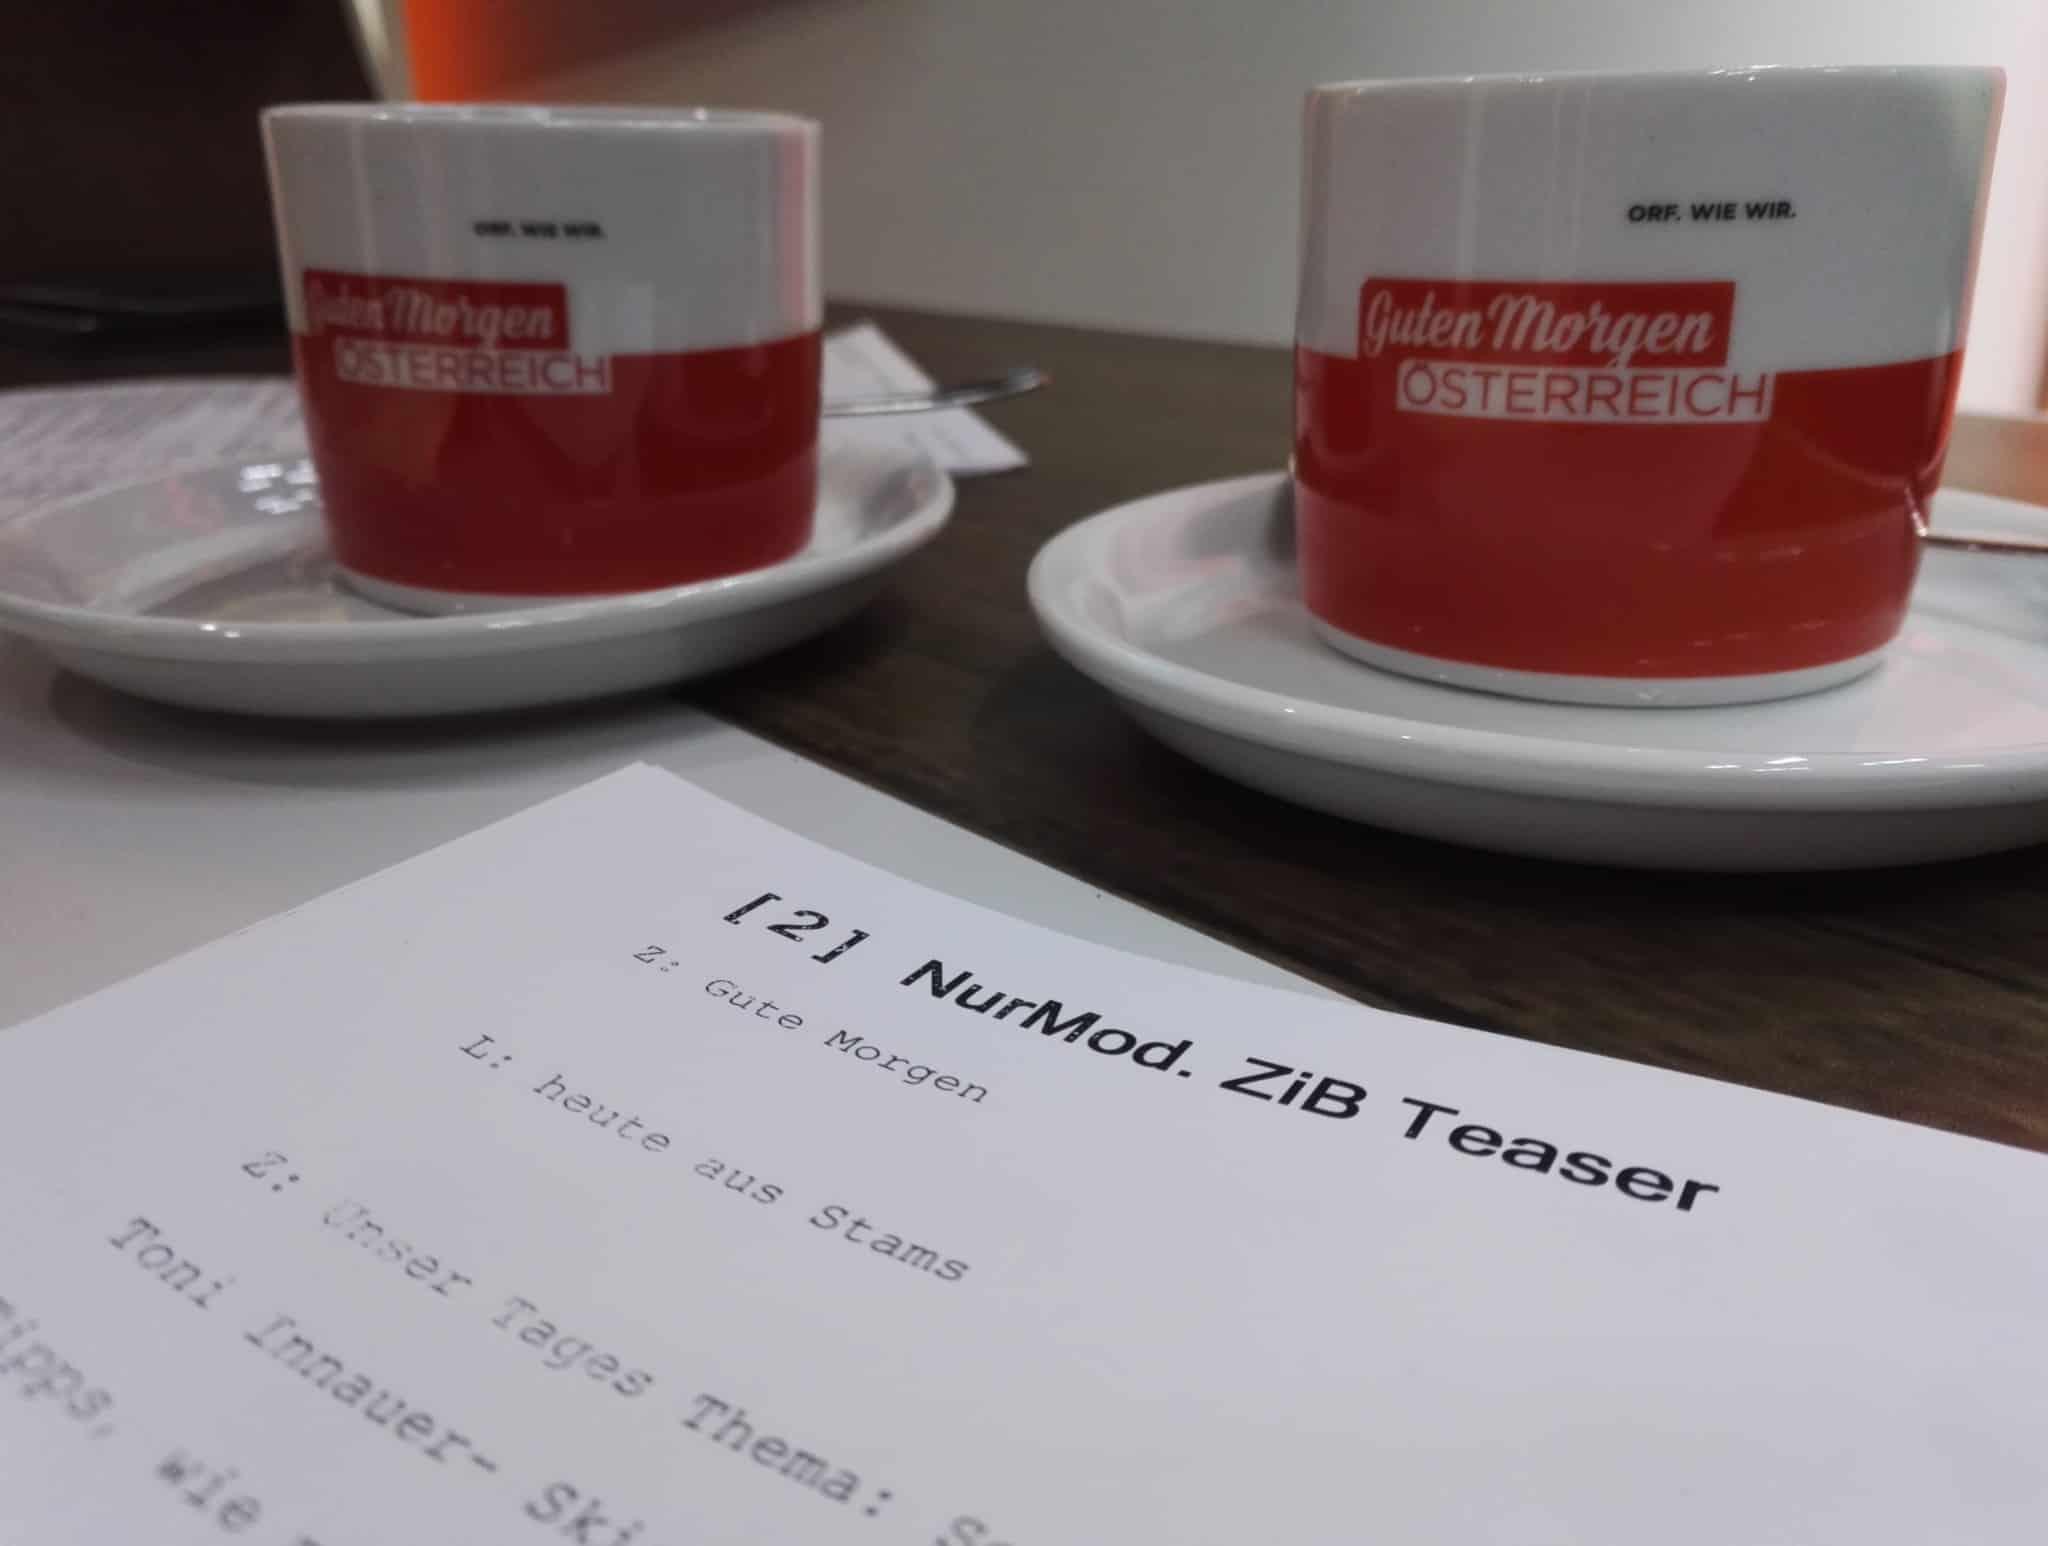 ORF Guten Morgen Österreich Tirol Sölden Woche C Andreas Felder 23 - ORF Guten Morgen Österreich - Tirol Woche